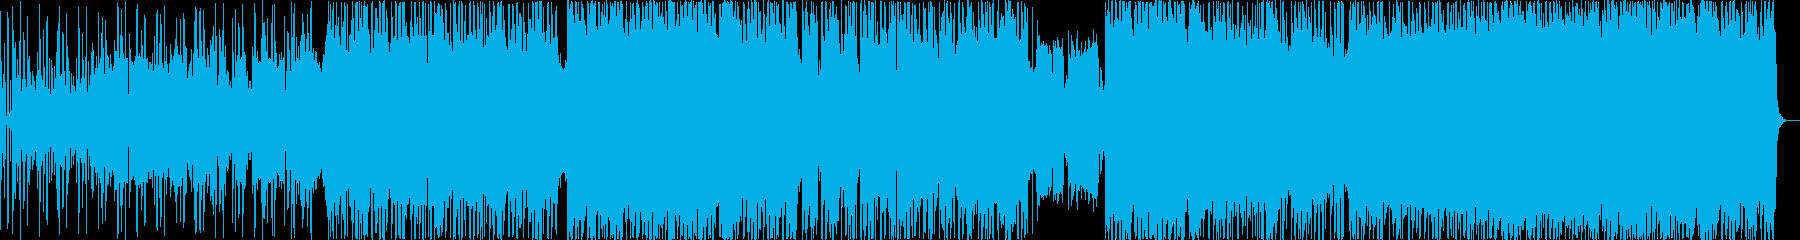 優しいピアンバラードの再生済みの波形